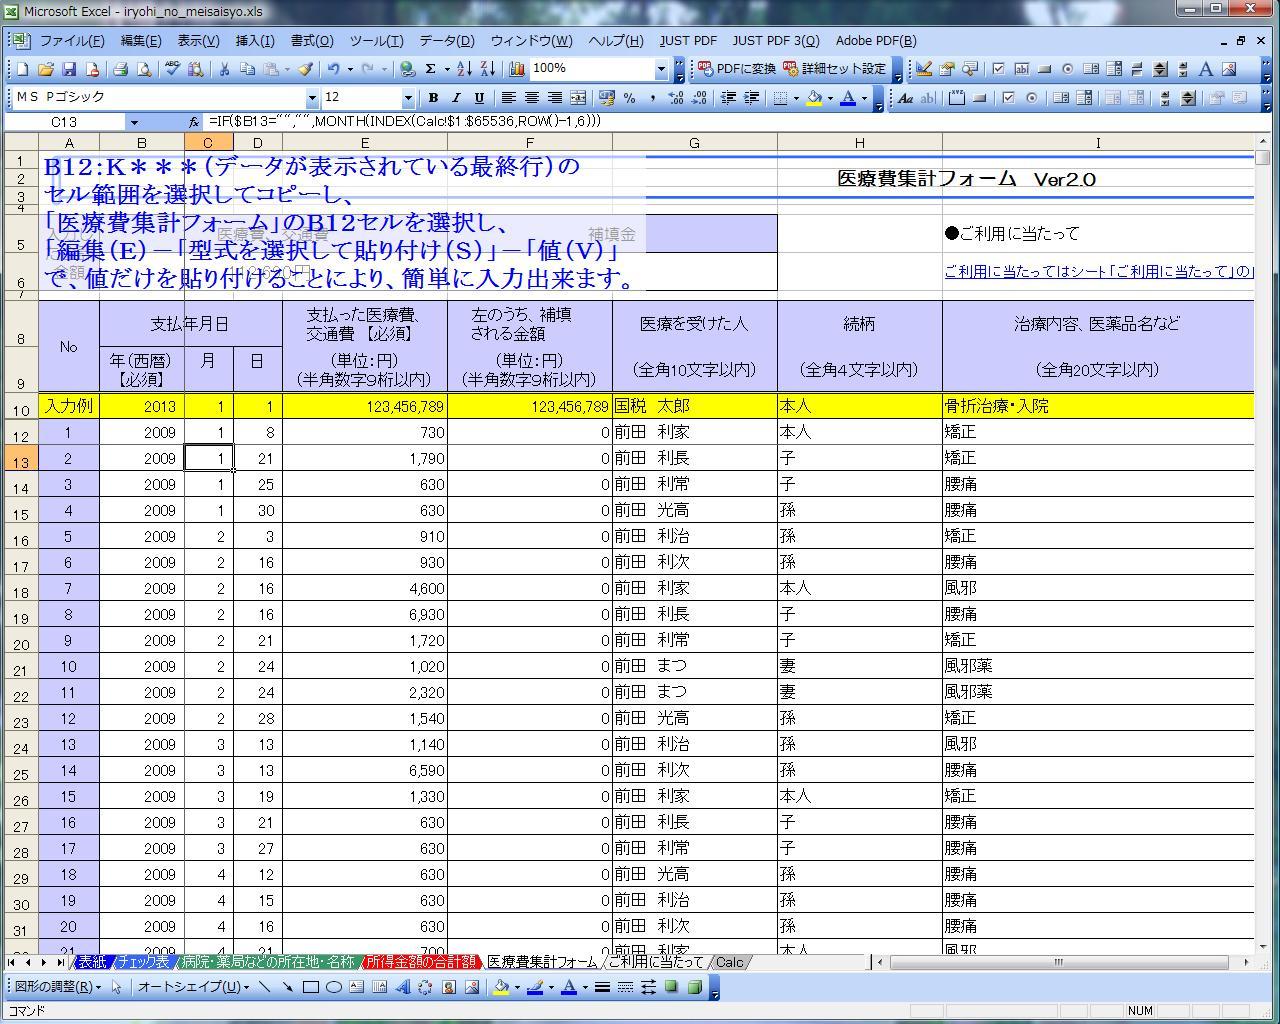 控除 費 国税庁 医療